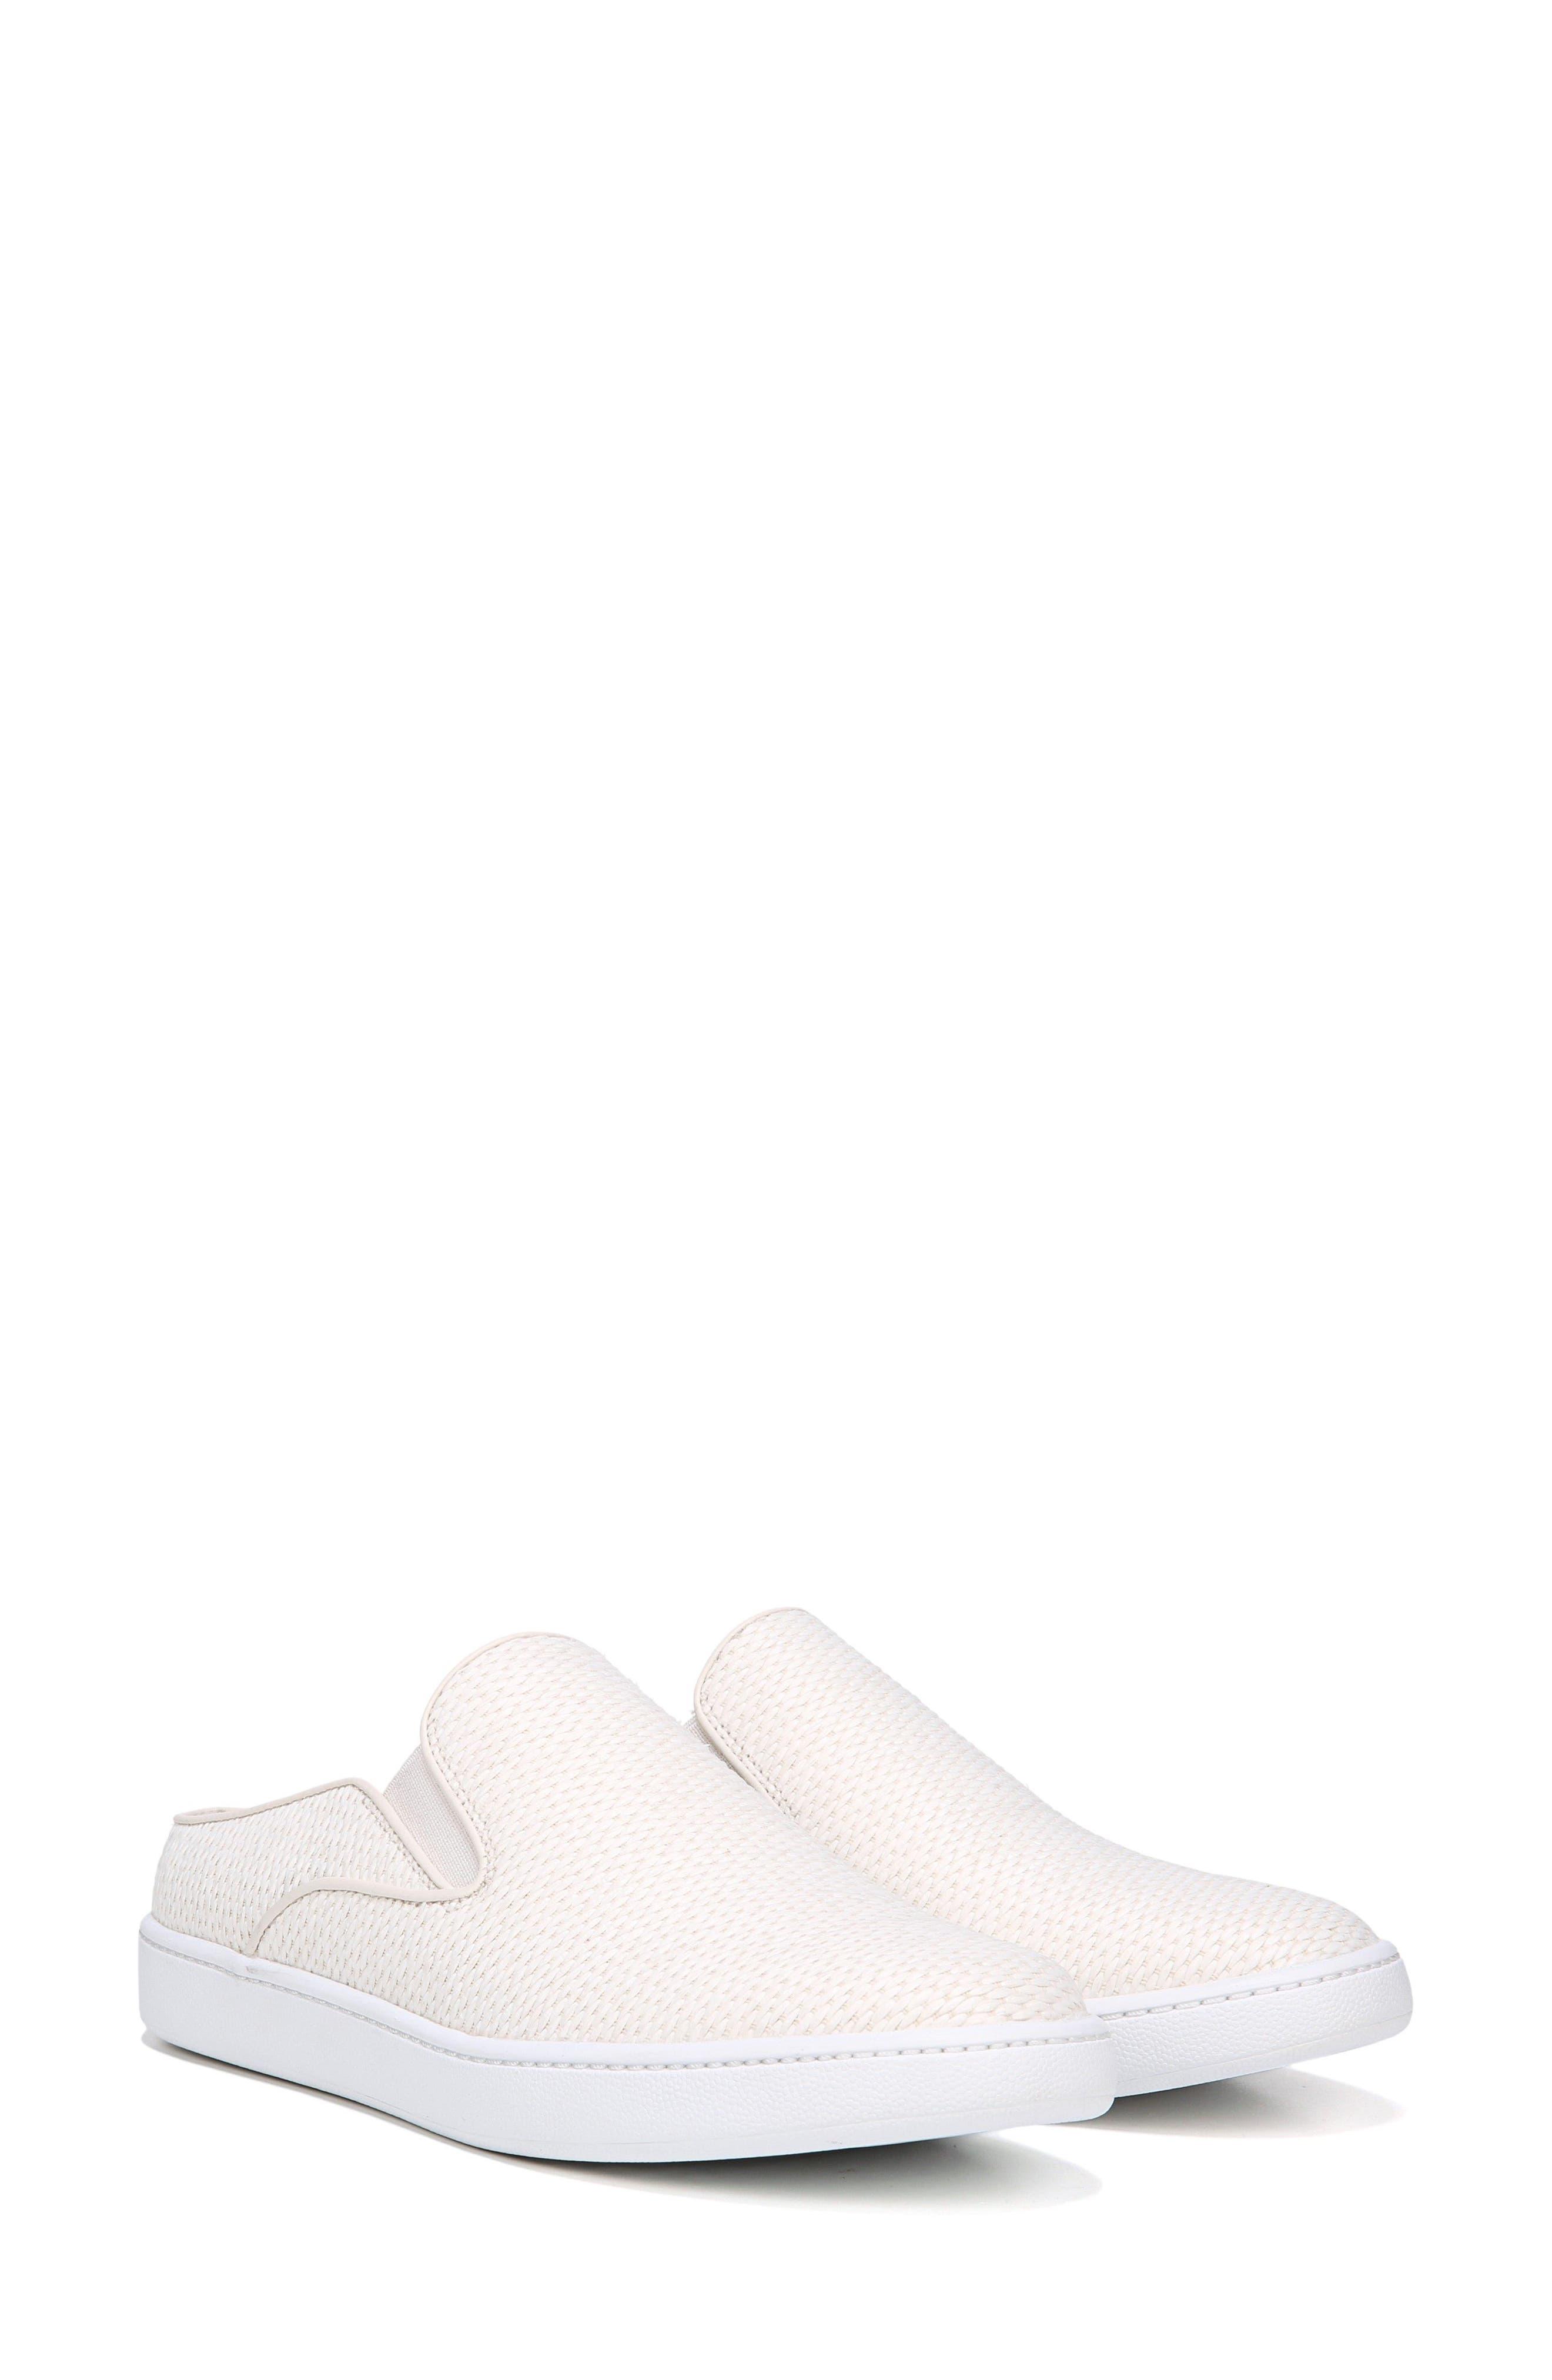 Verrell Slip-On Sneaker,                             Alternate thumbnail 55, color,